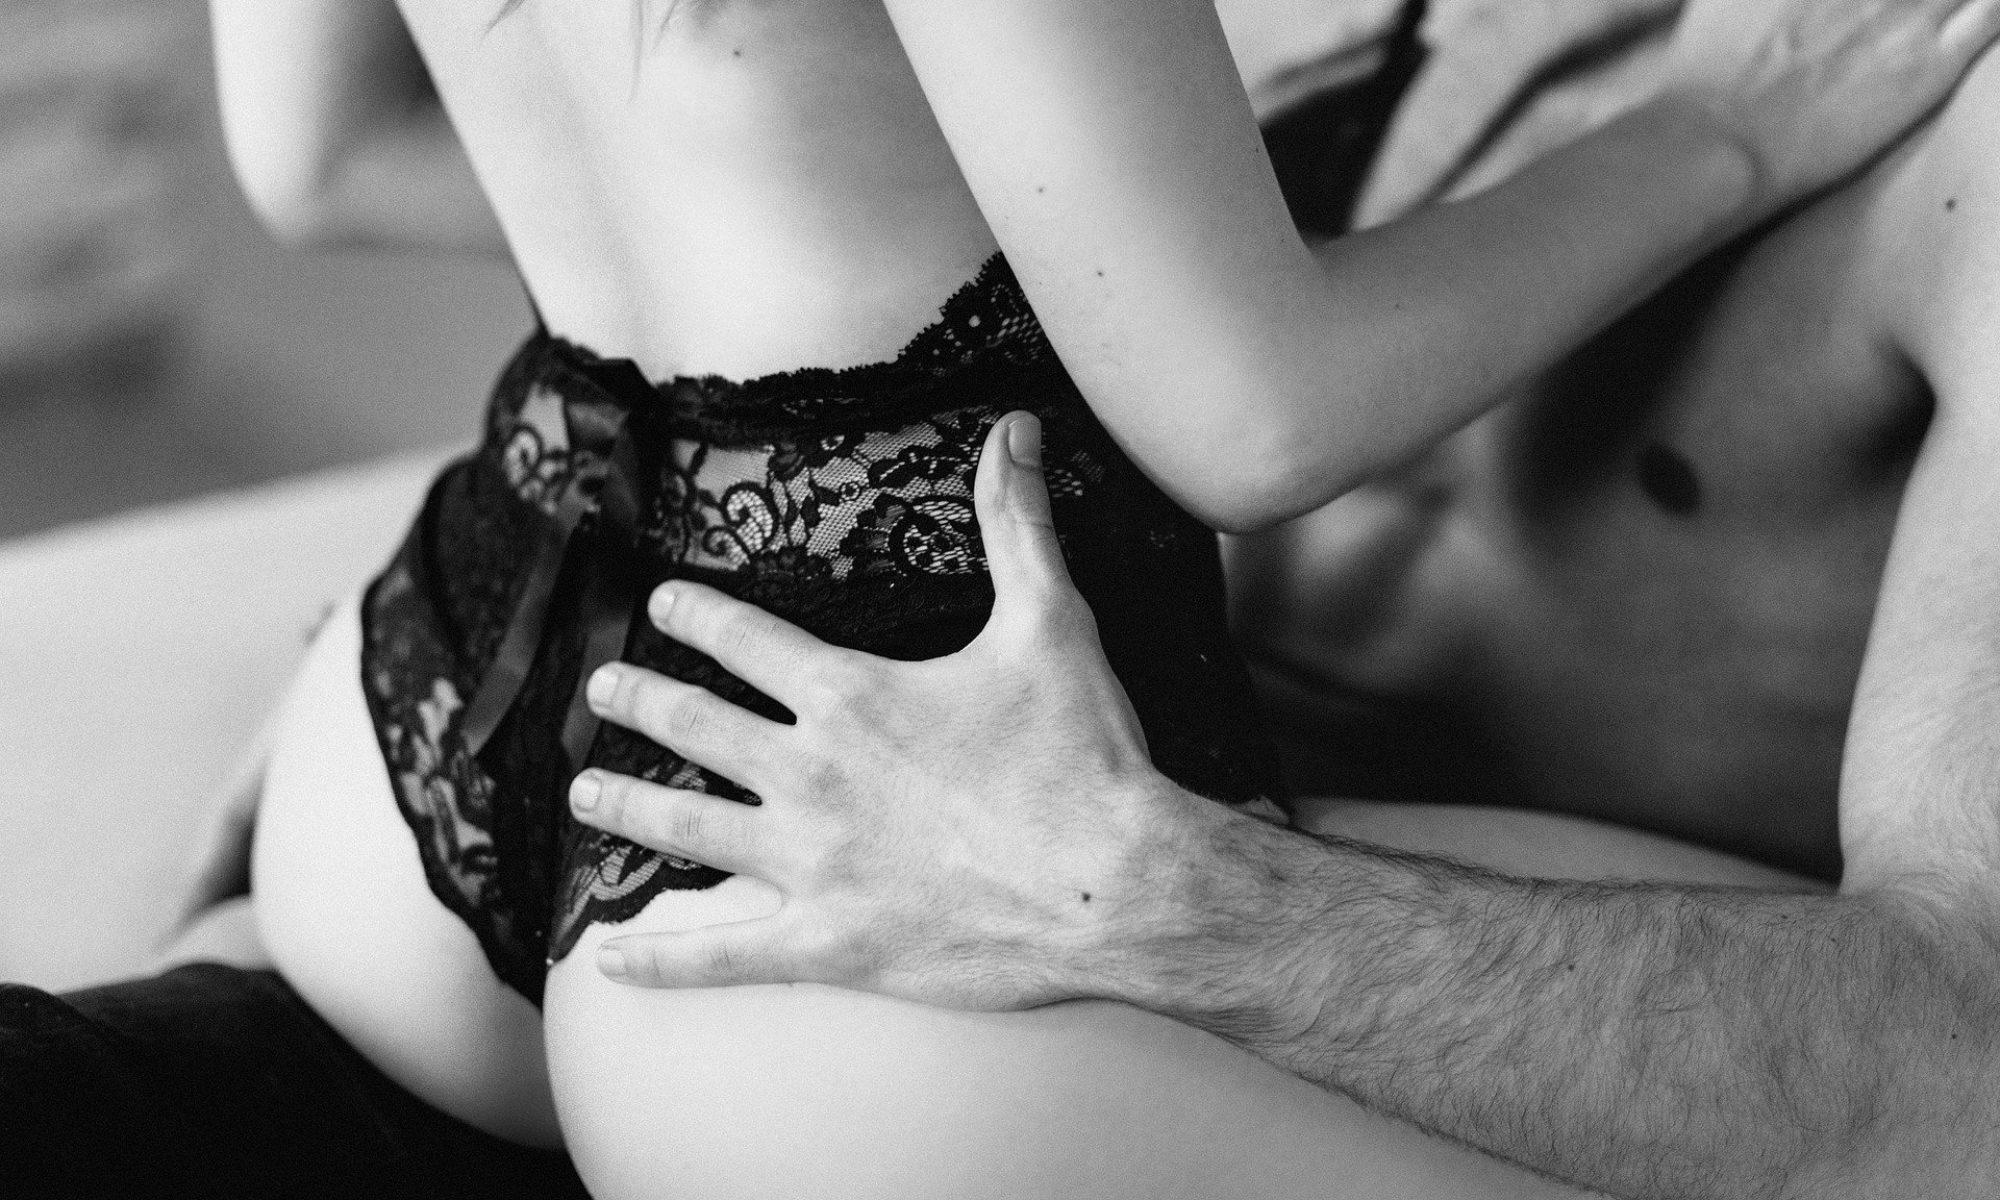 Erotikkontakte privat und nett